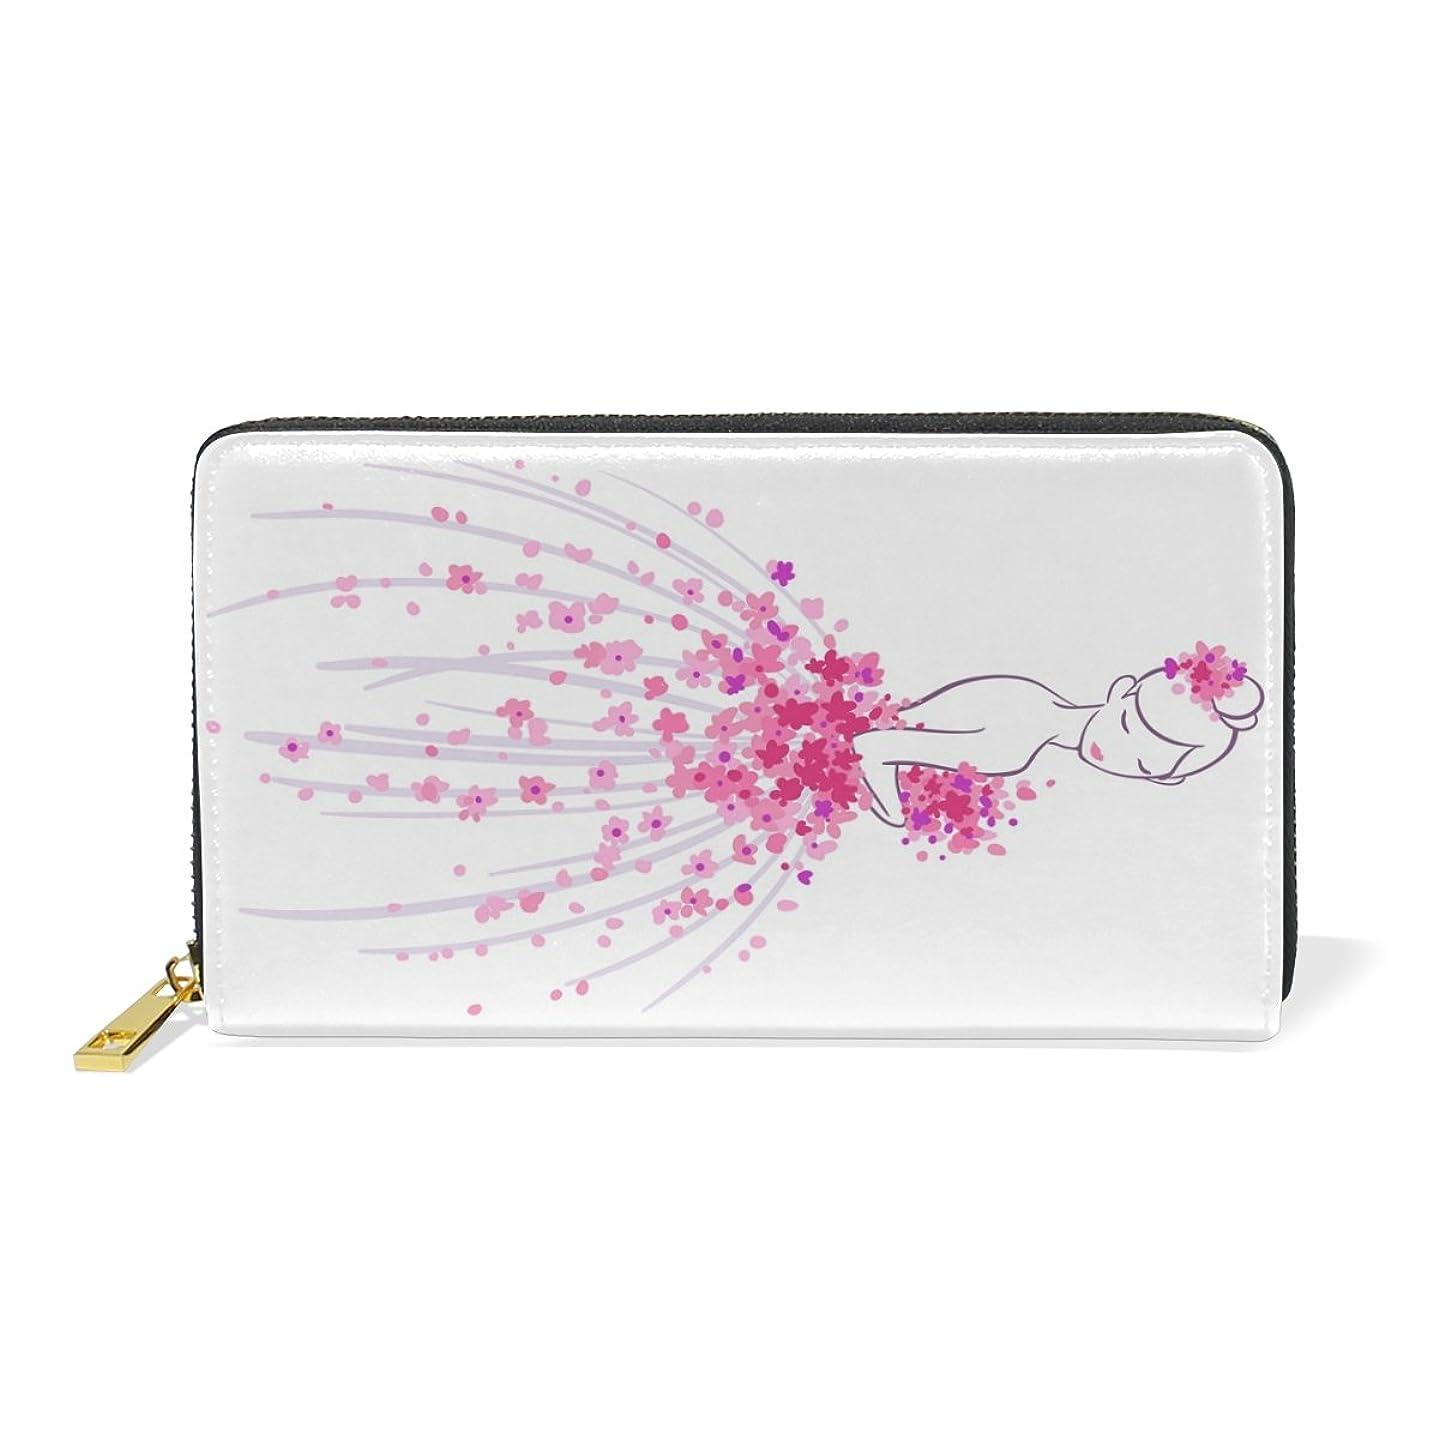 スリップ視線個人的なALAZA 財布 可愛い プリンセス 本革 大容量 18枚 多機能 ラウンドファスナー 小銭入れ付 レディース 二つ折り